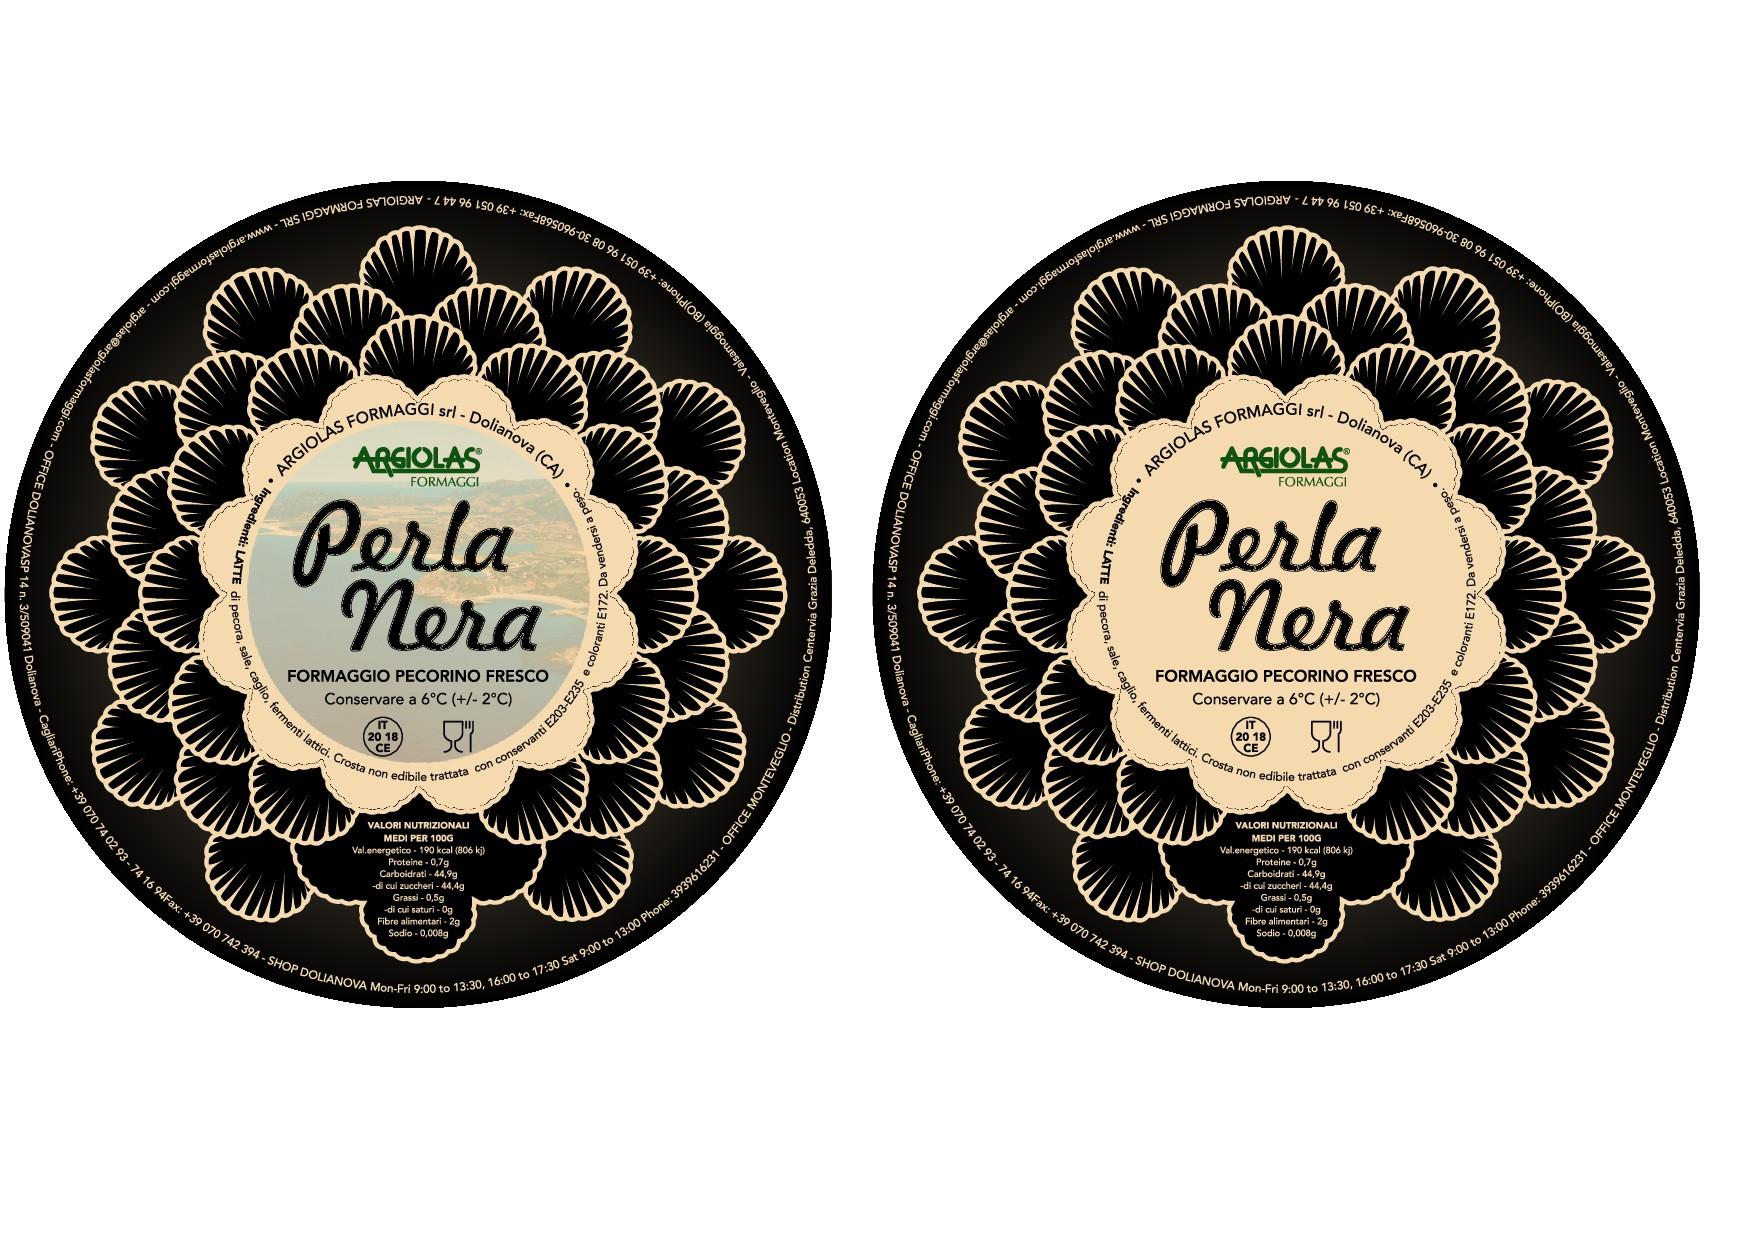 Black Pearl, a unique cheese